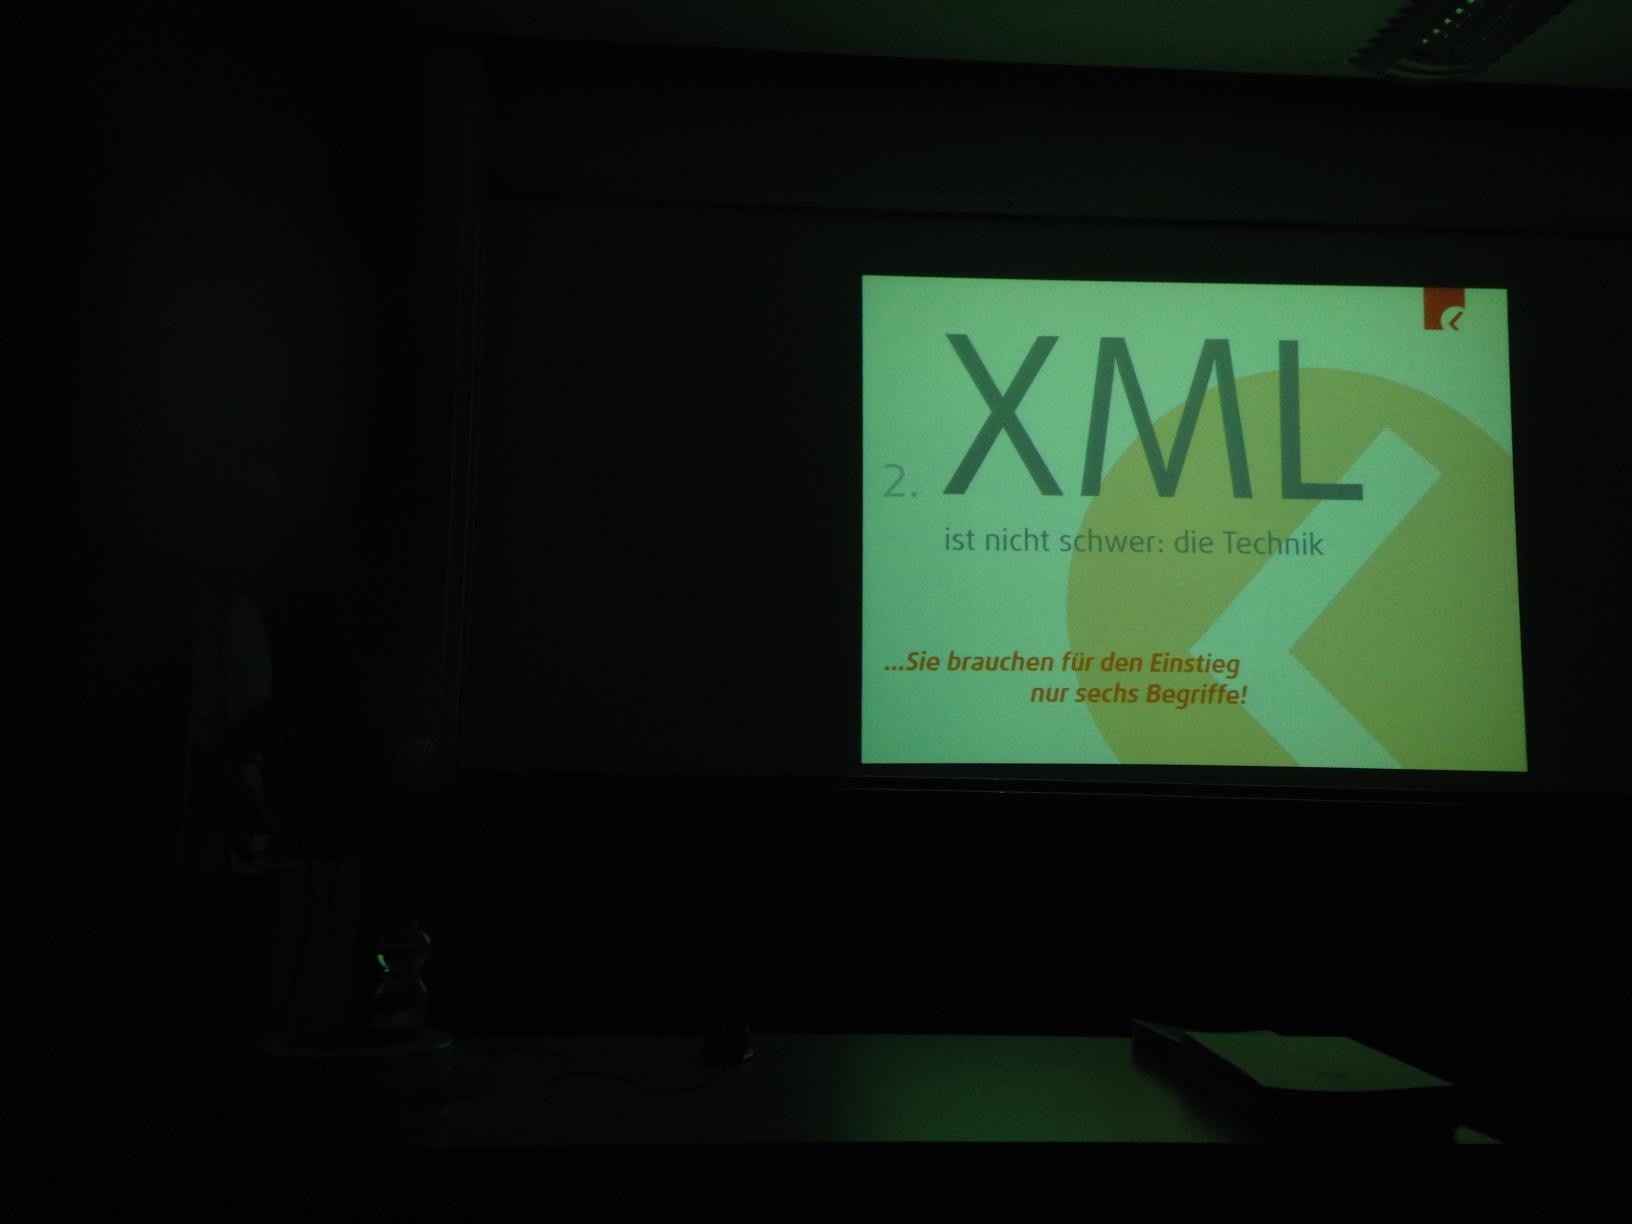 XML-Einfürhung im Dunkeln